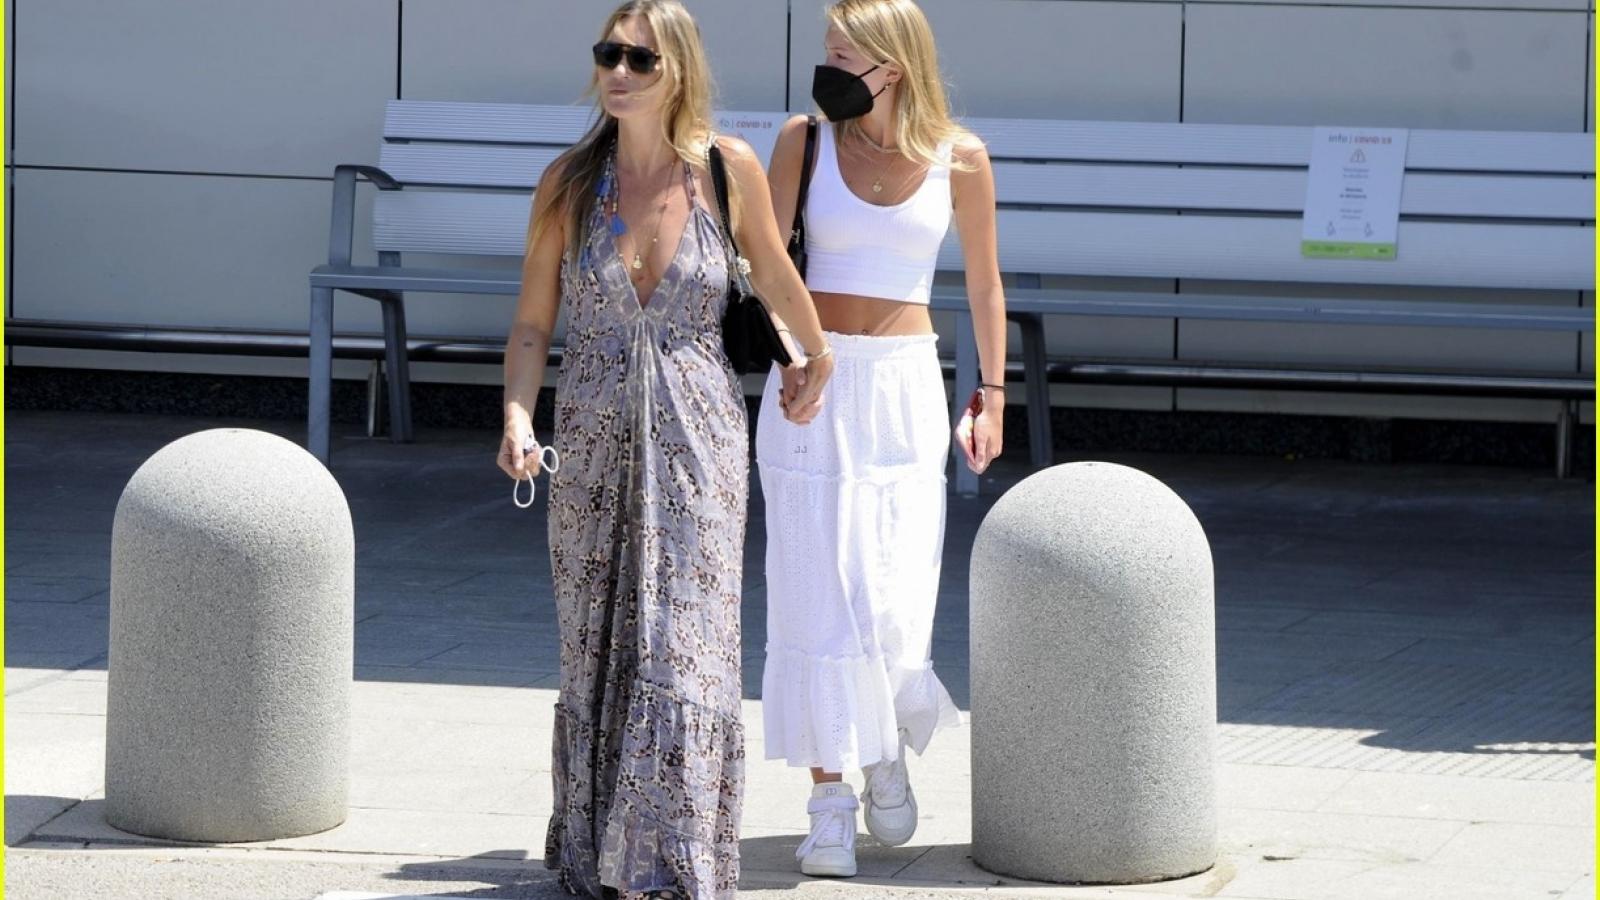 Siêu mẫu Kate Moss gợi cảm đến sân bay đón con gái cưng Lila